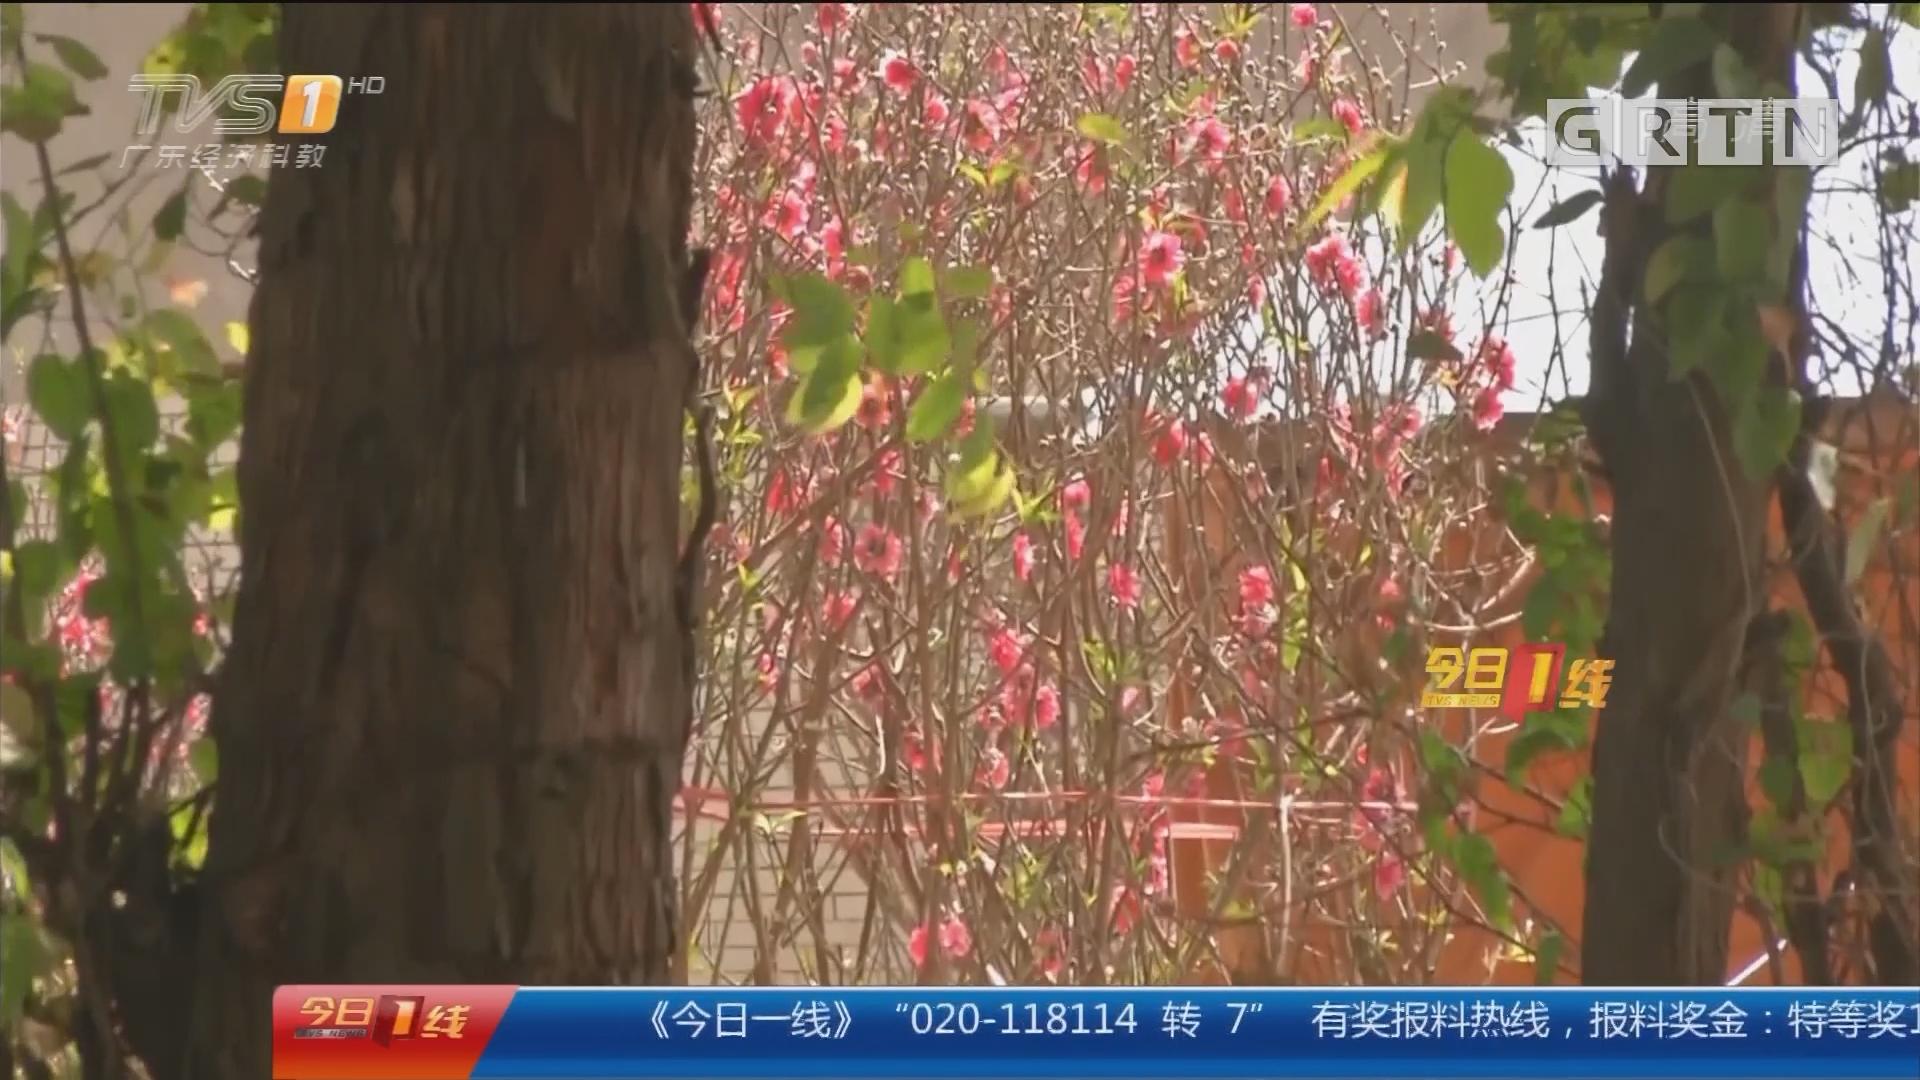 东莞厚街:辛苦种桃花却滞销 七旬老人求帮忙